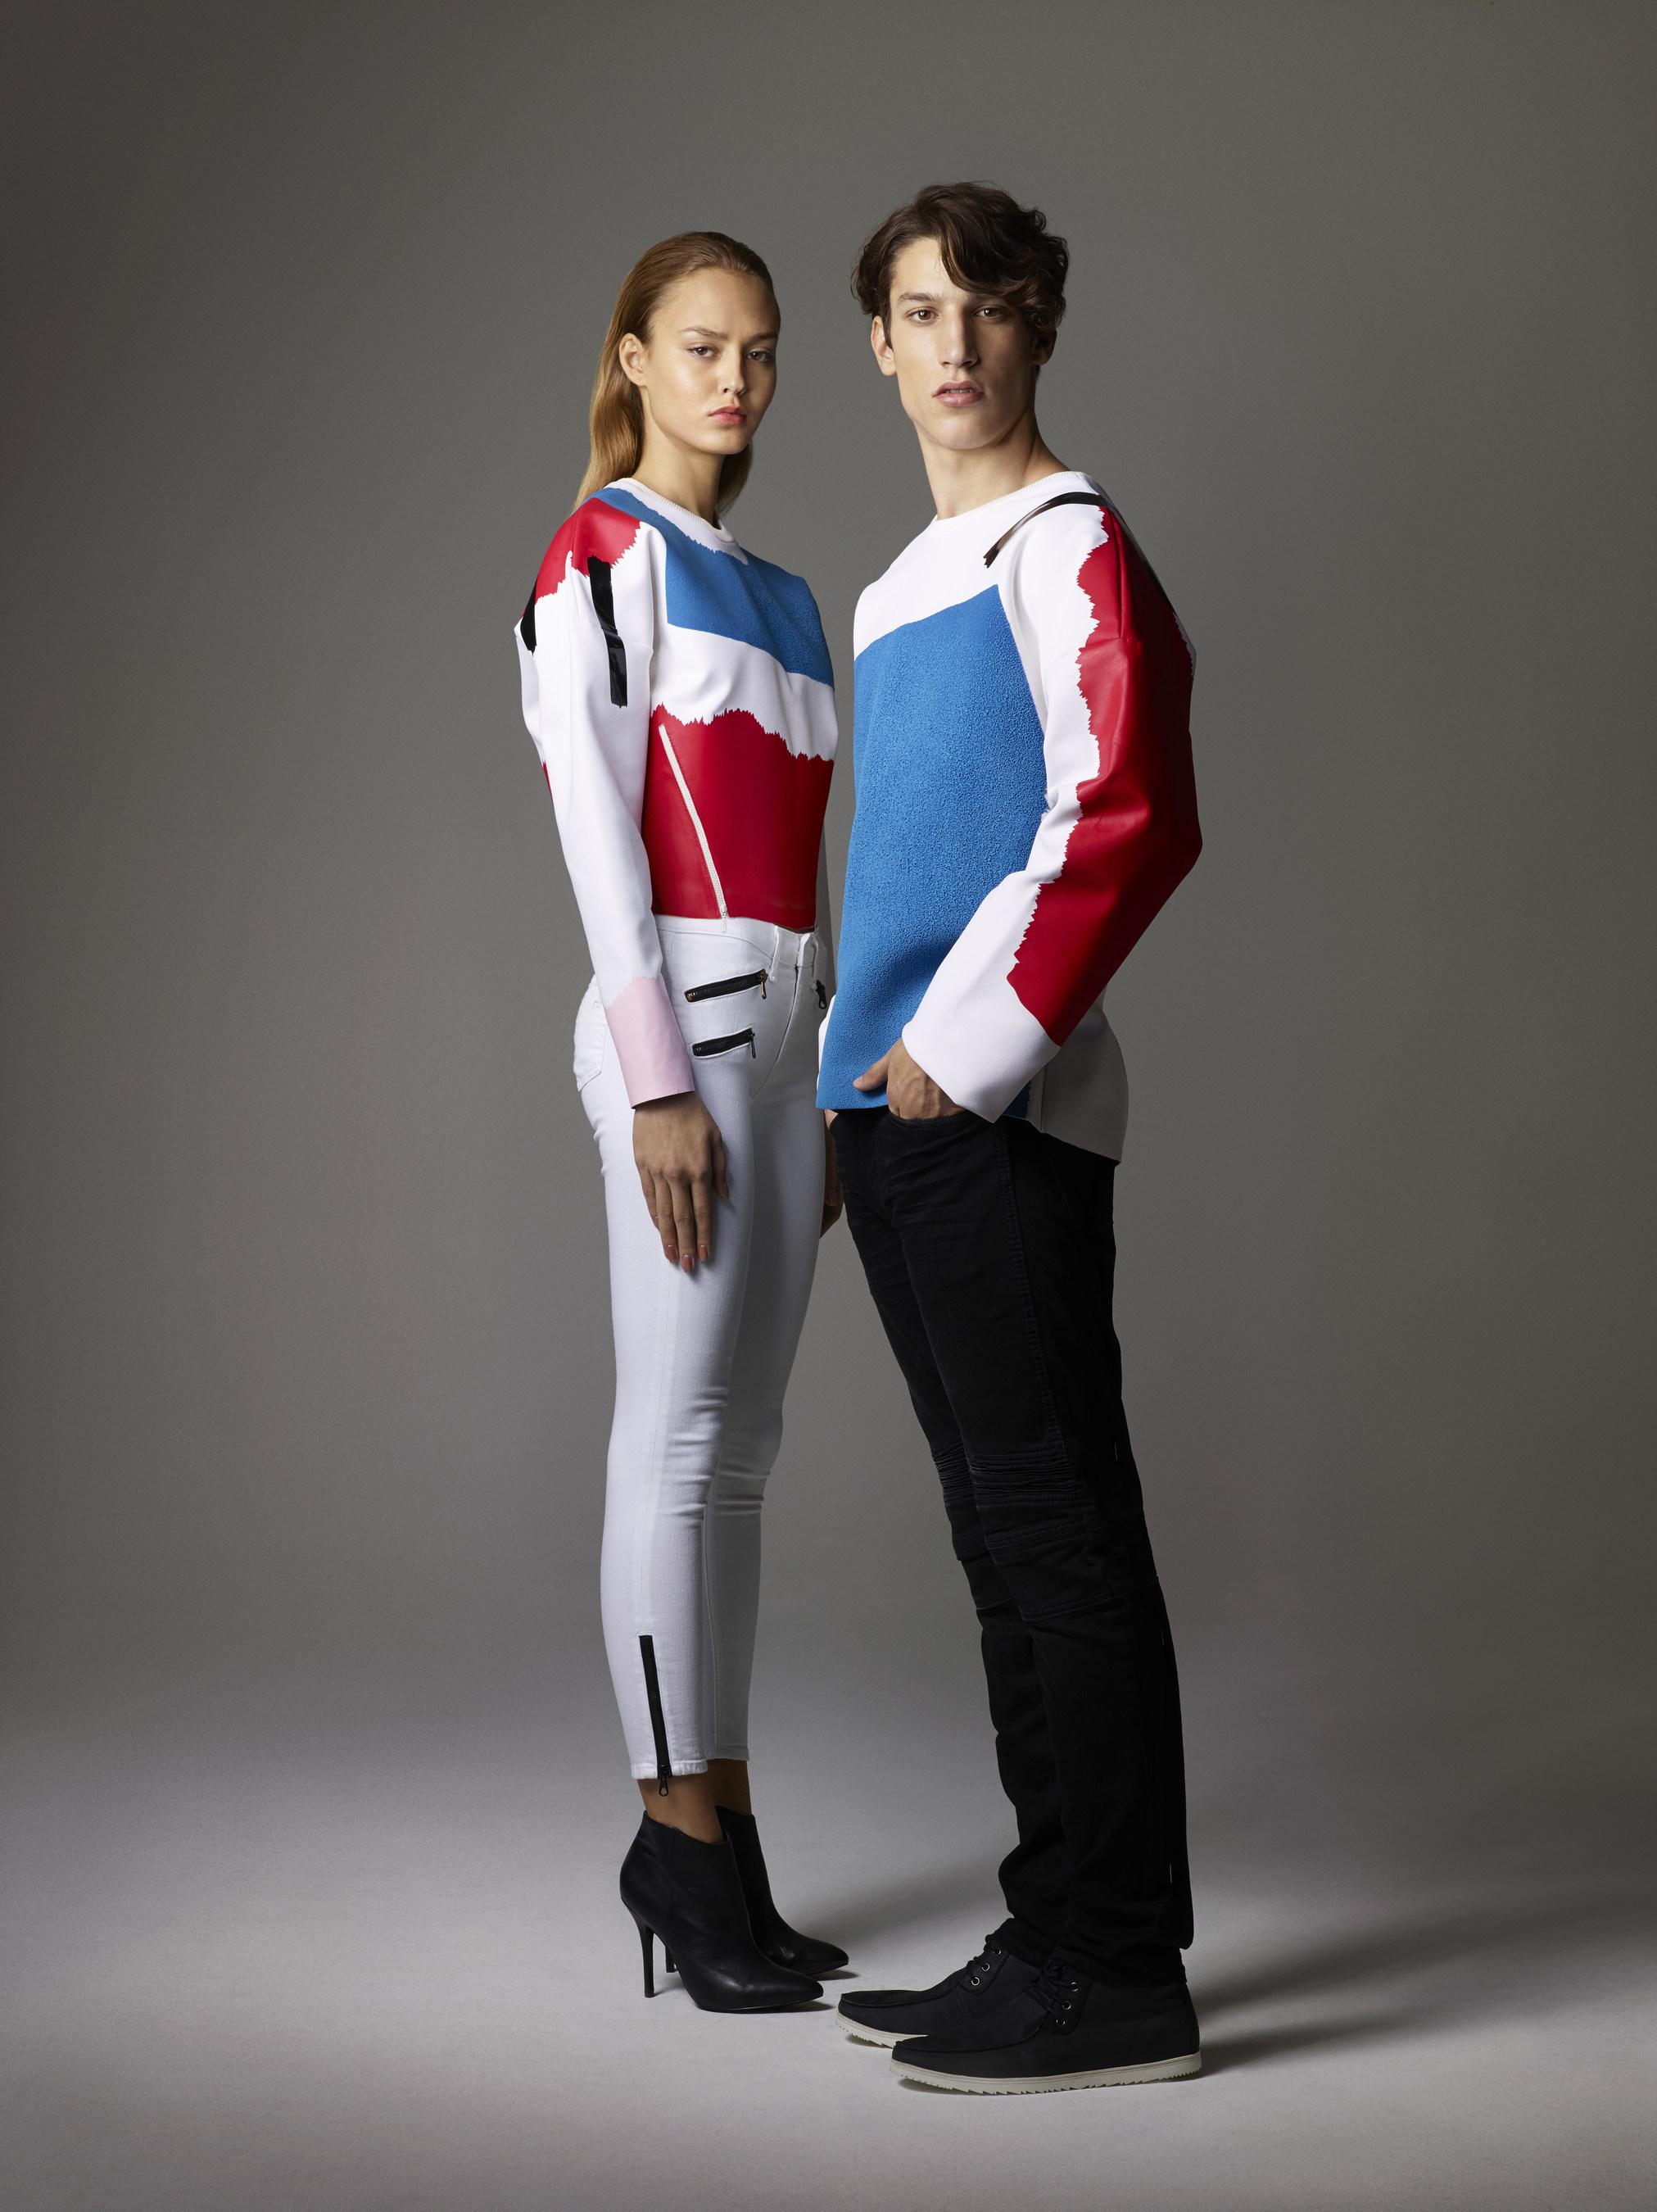 Pepsi® et Vogue Italia mettent en vedette la collection « Pulse of New Talent » et célèbrent les